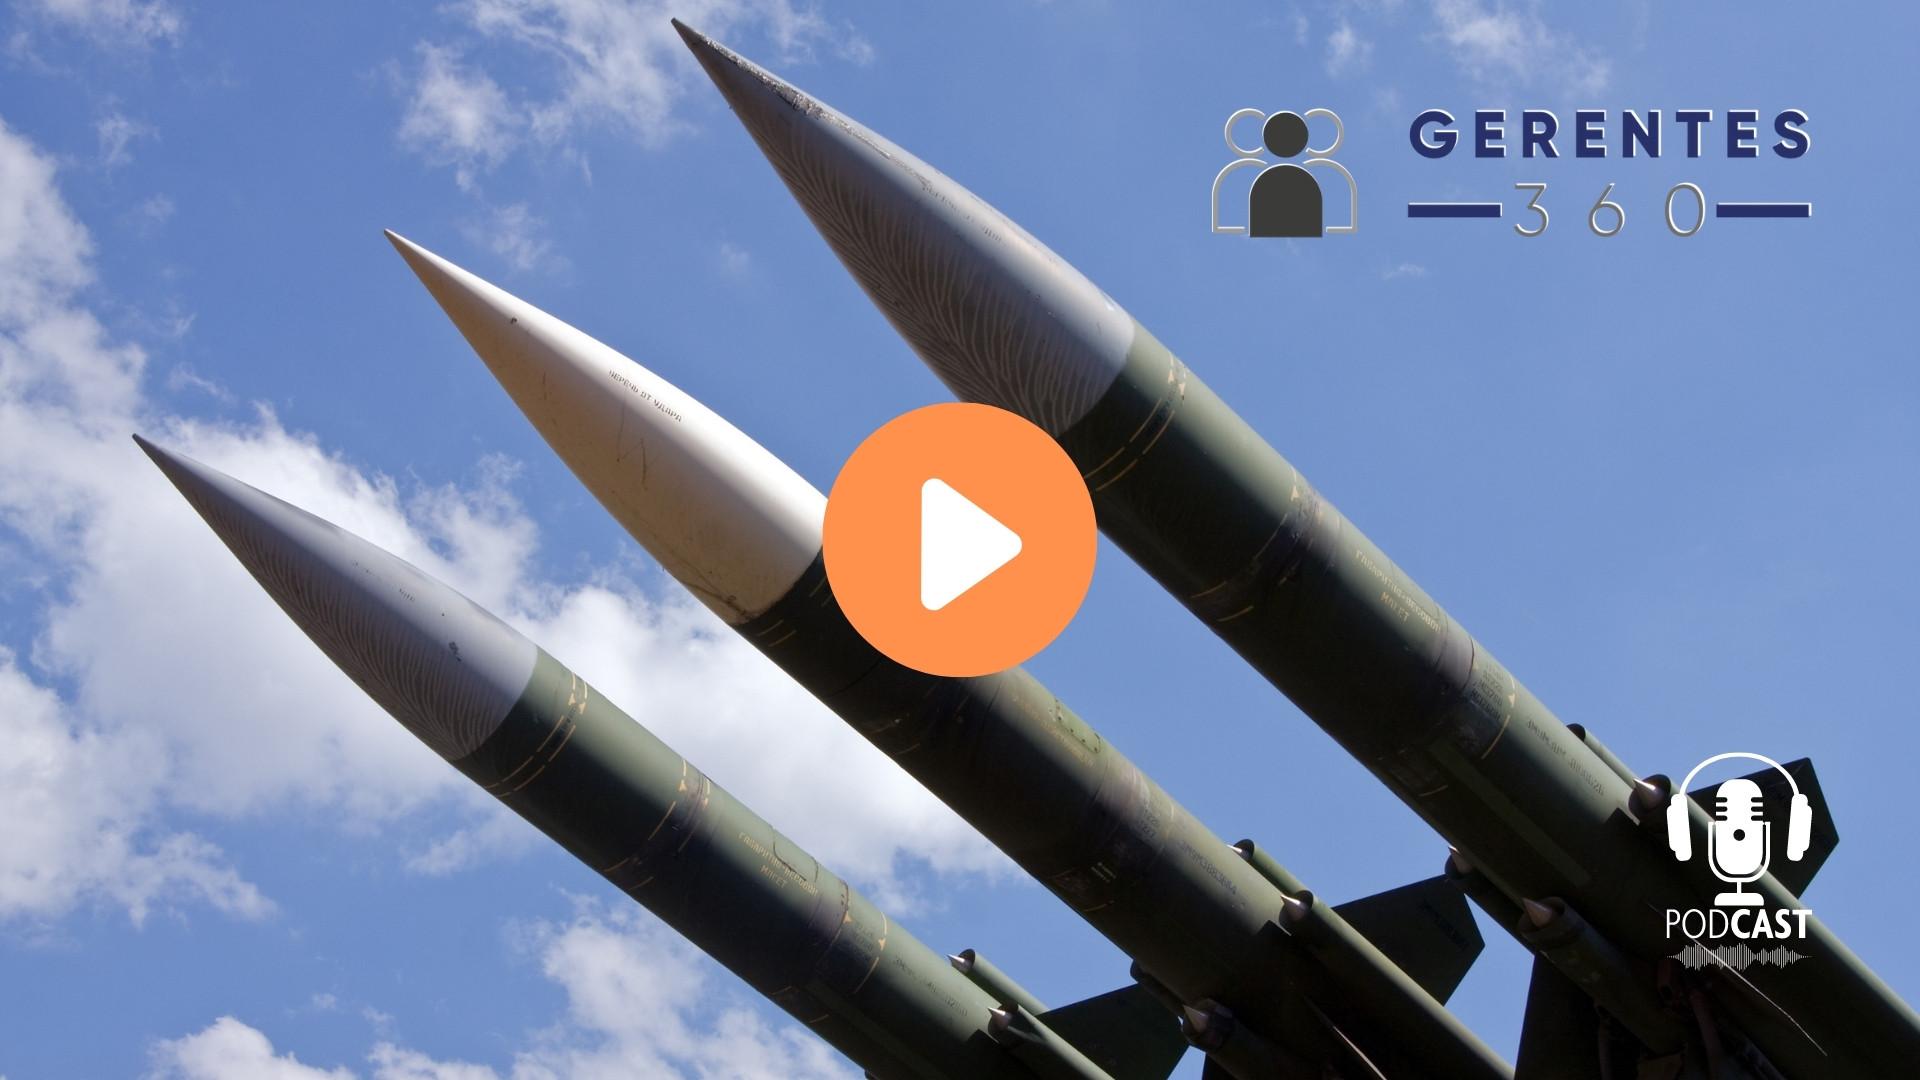 Diferencias en el partido demócrata de los EE. UU. y Corea del Norte realiza pruebas con misiles antiaéreos de nueva tecnología